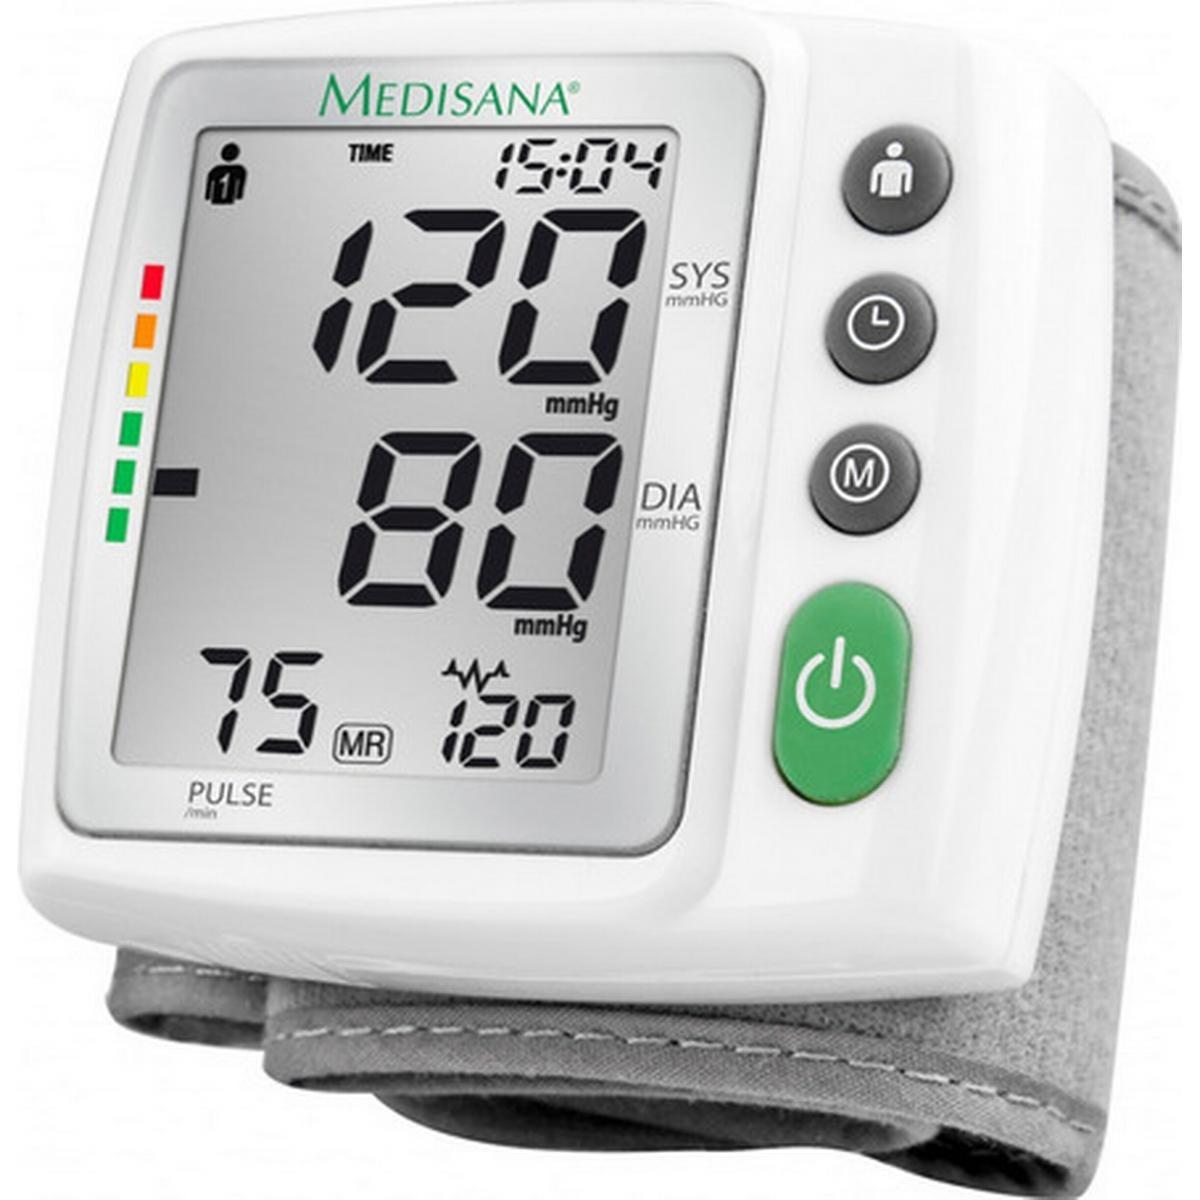 MEDISANA Blodtryksmåler til håndled BW 315